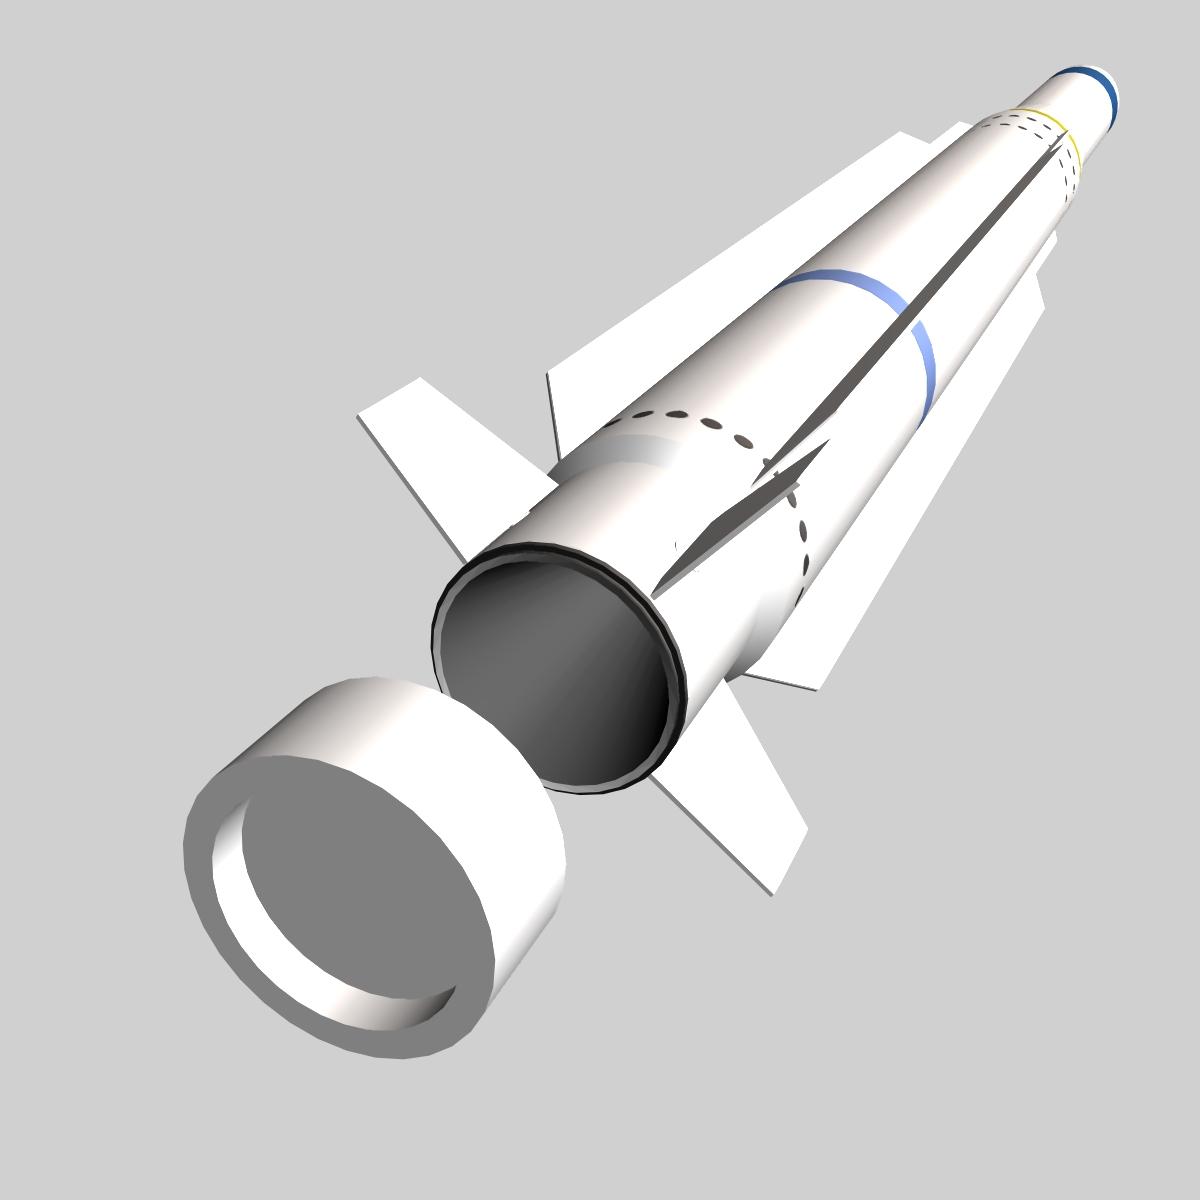 RIM-162 ESSM Missile 3d model 3ds dxf fbx blend cob dae X  obj 166022